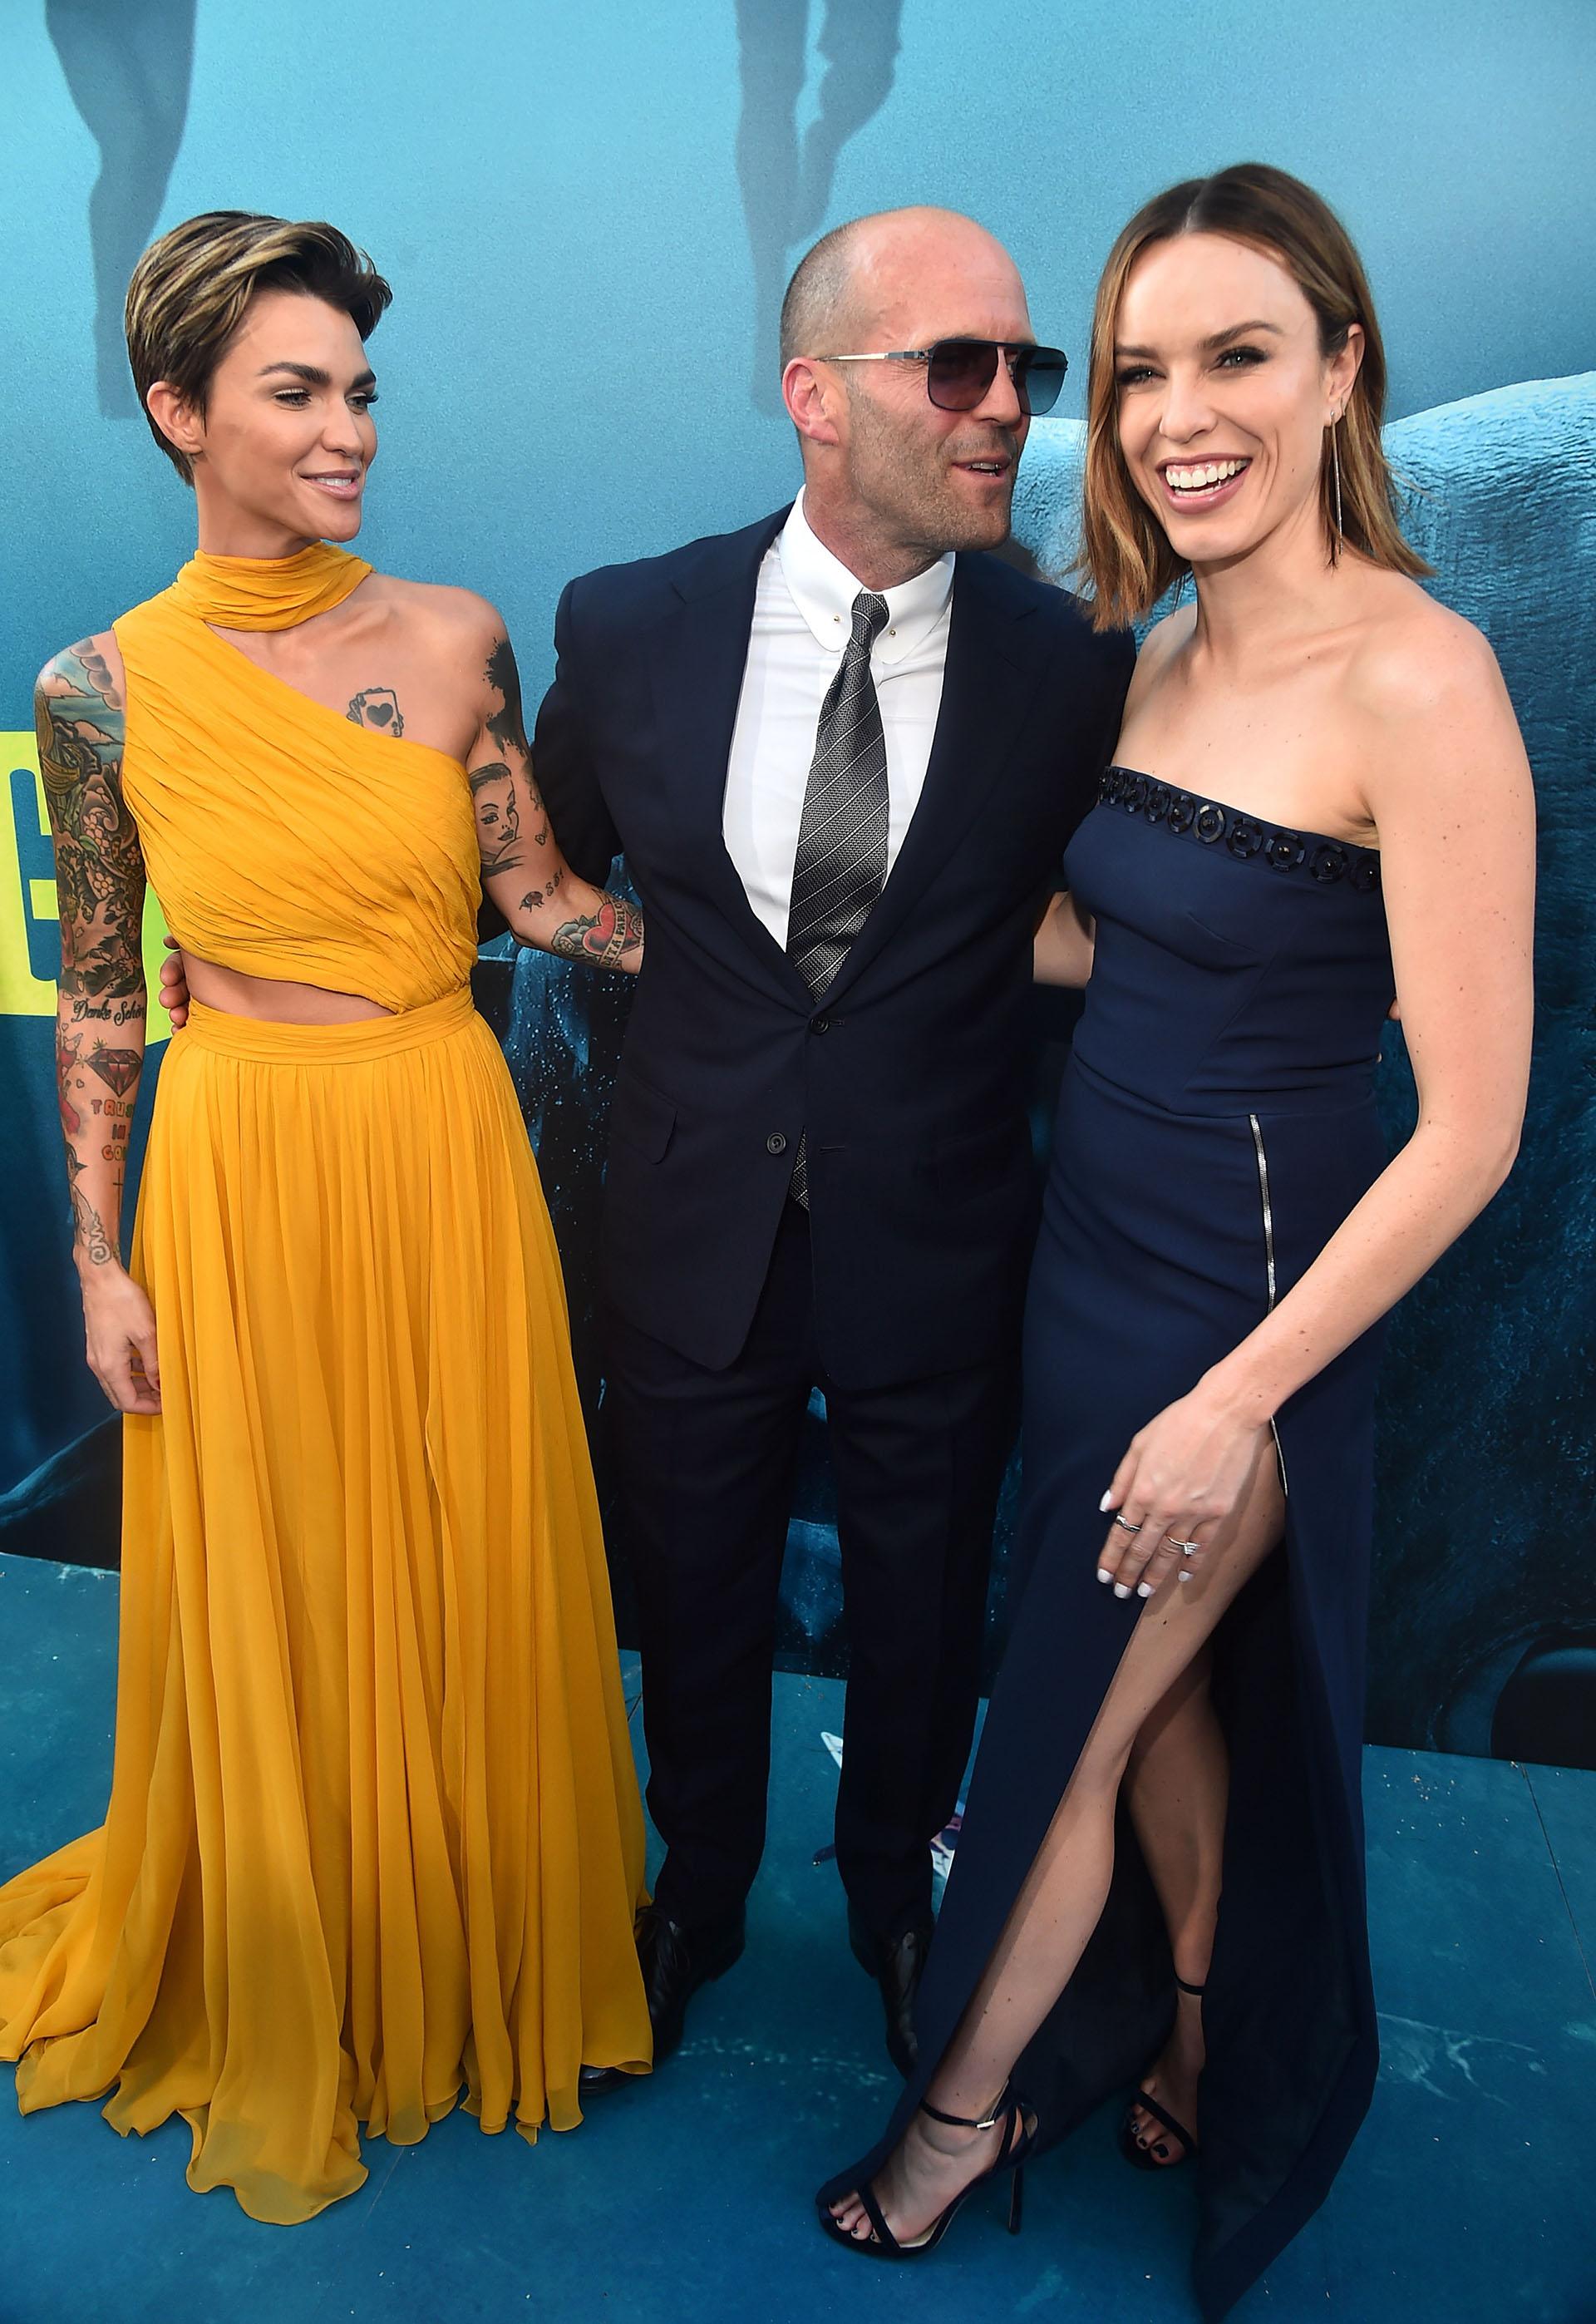 Ruby Rose junto al gran protagonista masculino, Jason Statham, y Jessica McNamee posan para la prensa internacional en el estreno de la película, en la queun tiburón gigante -que se creía que estaba extinto desde hace millones de años- aterroriza a la platea